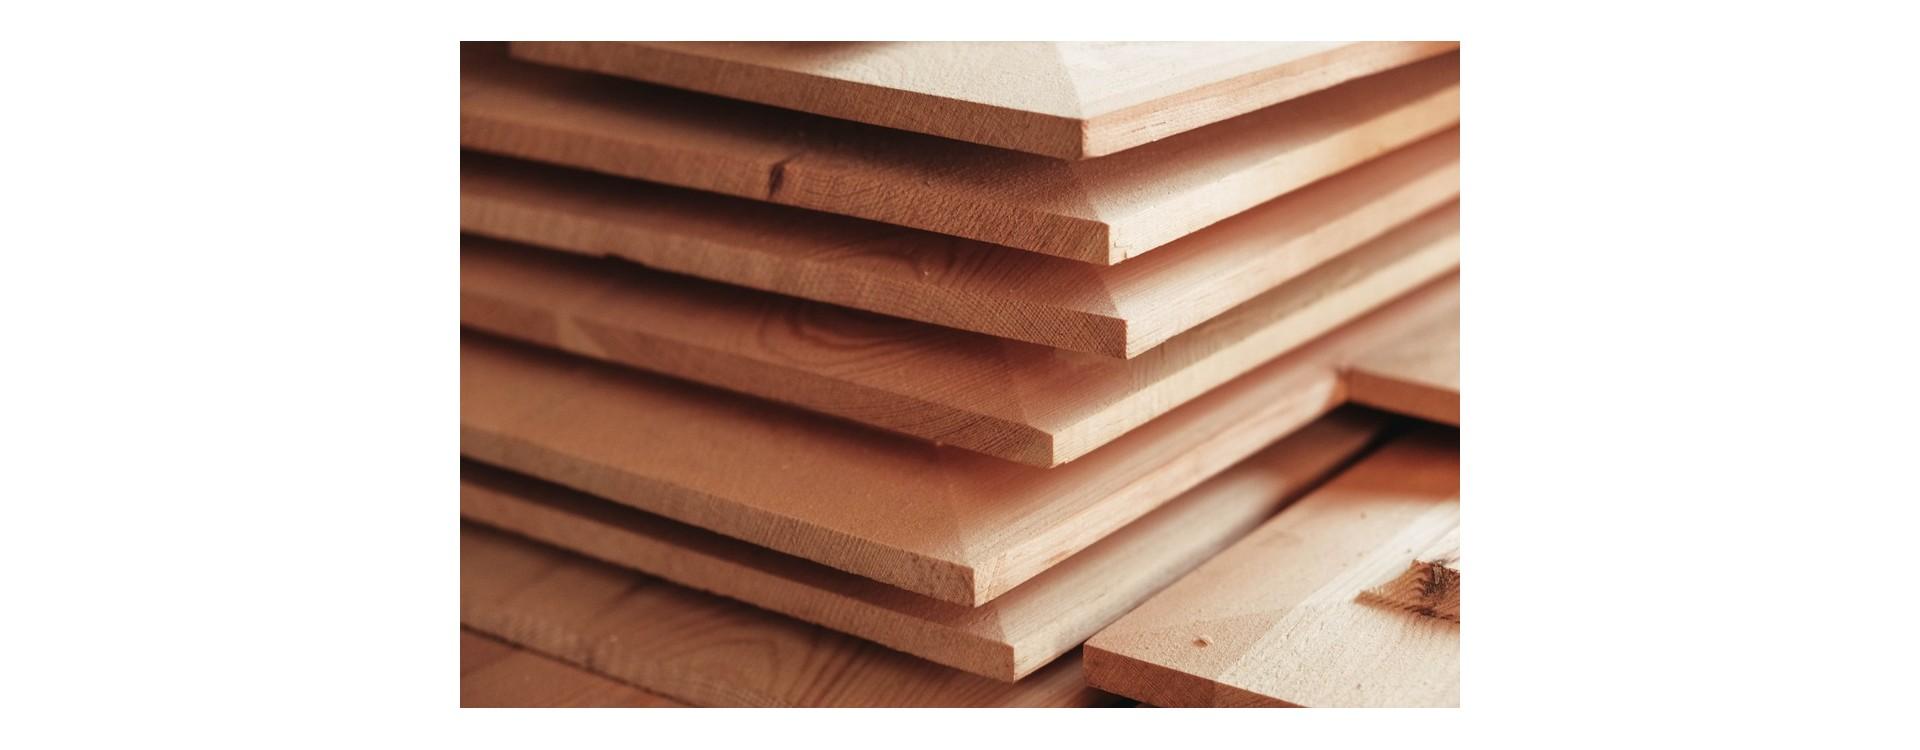 Semilavorati del legno: che cosa sono, caratteristiche e usi